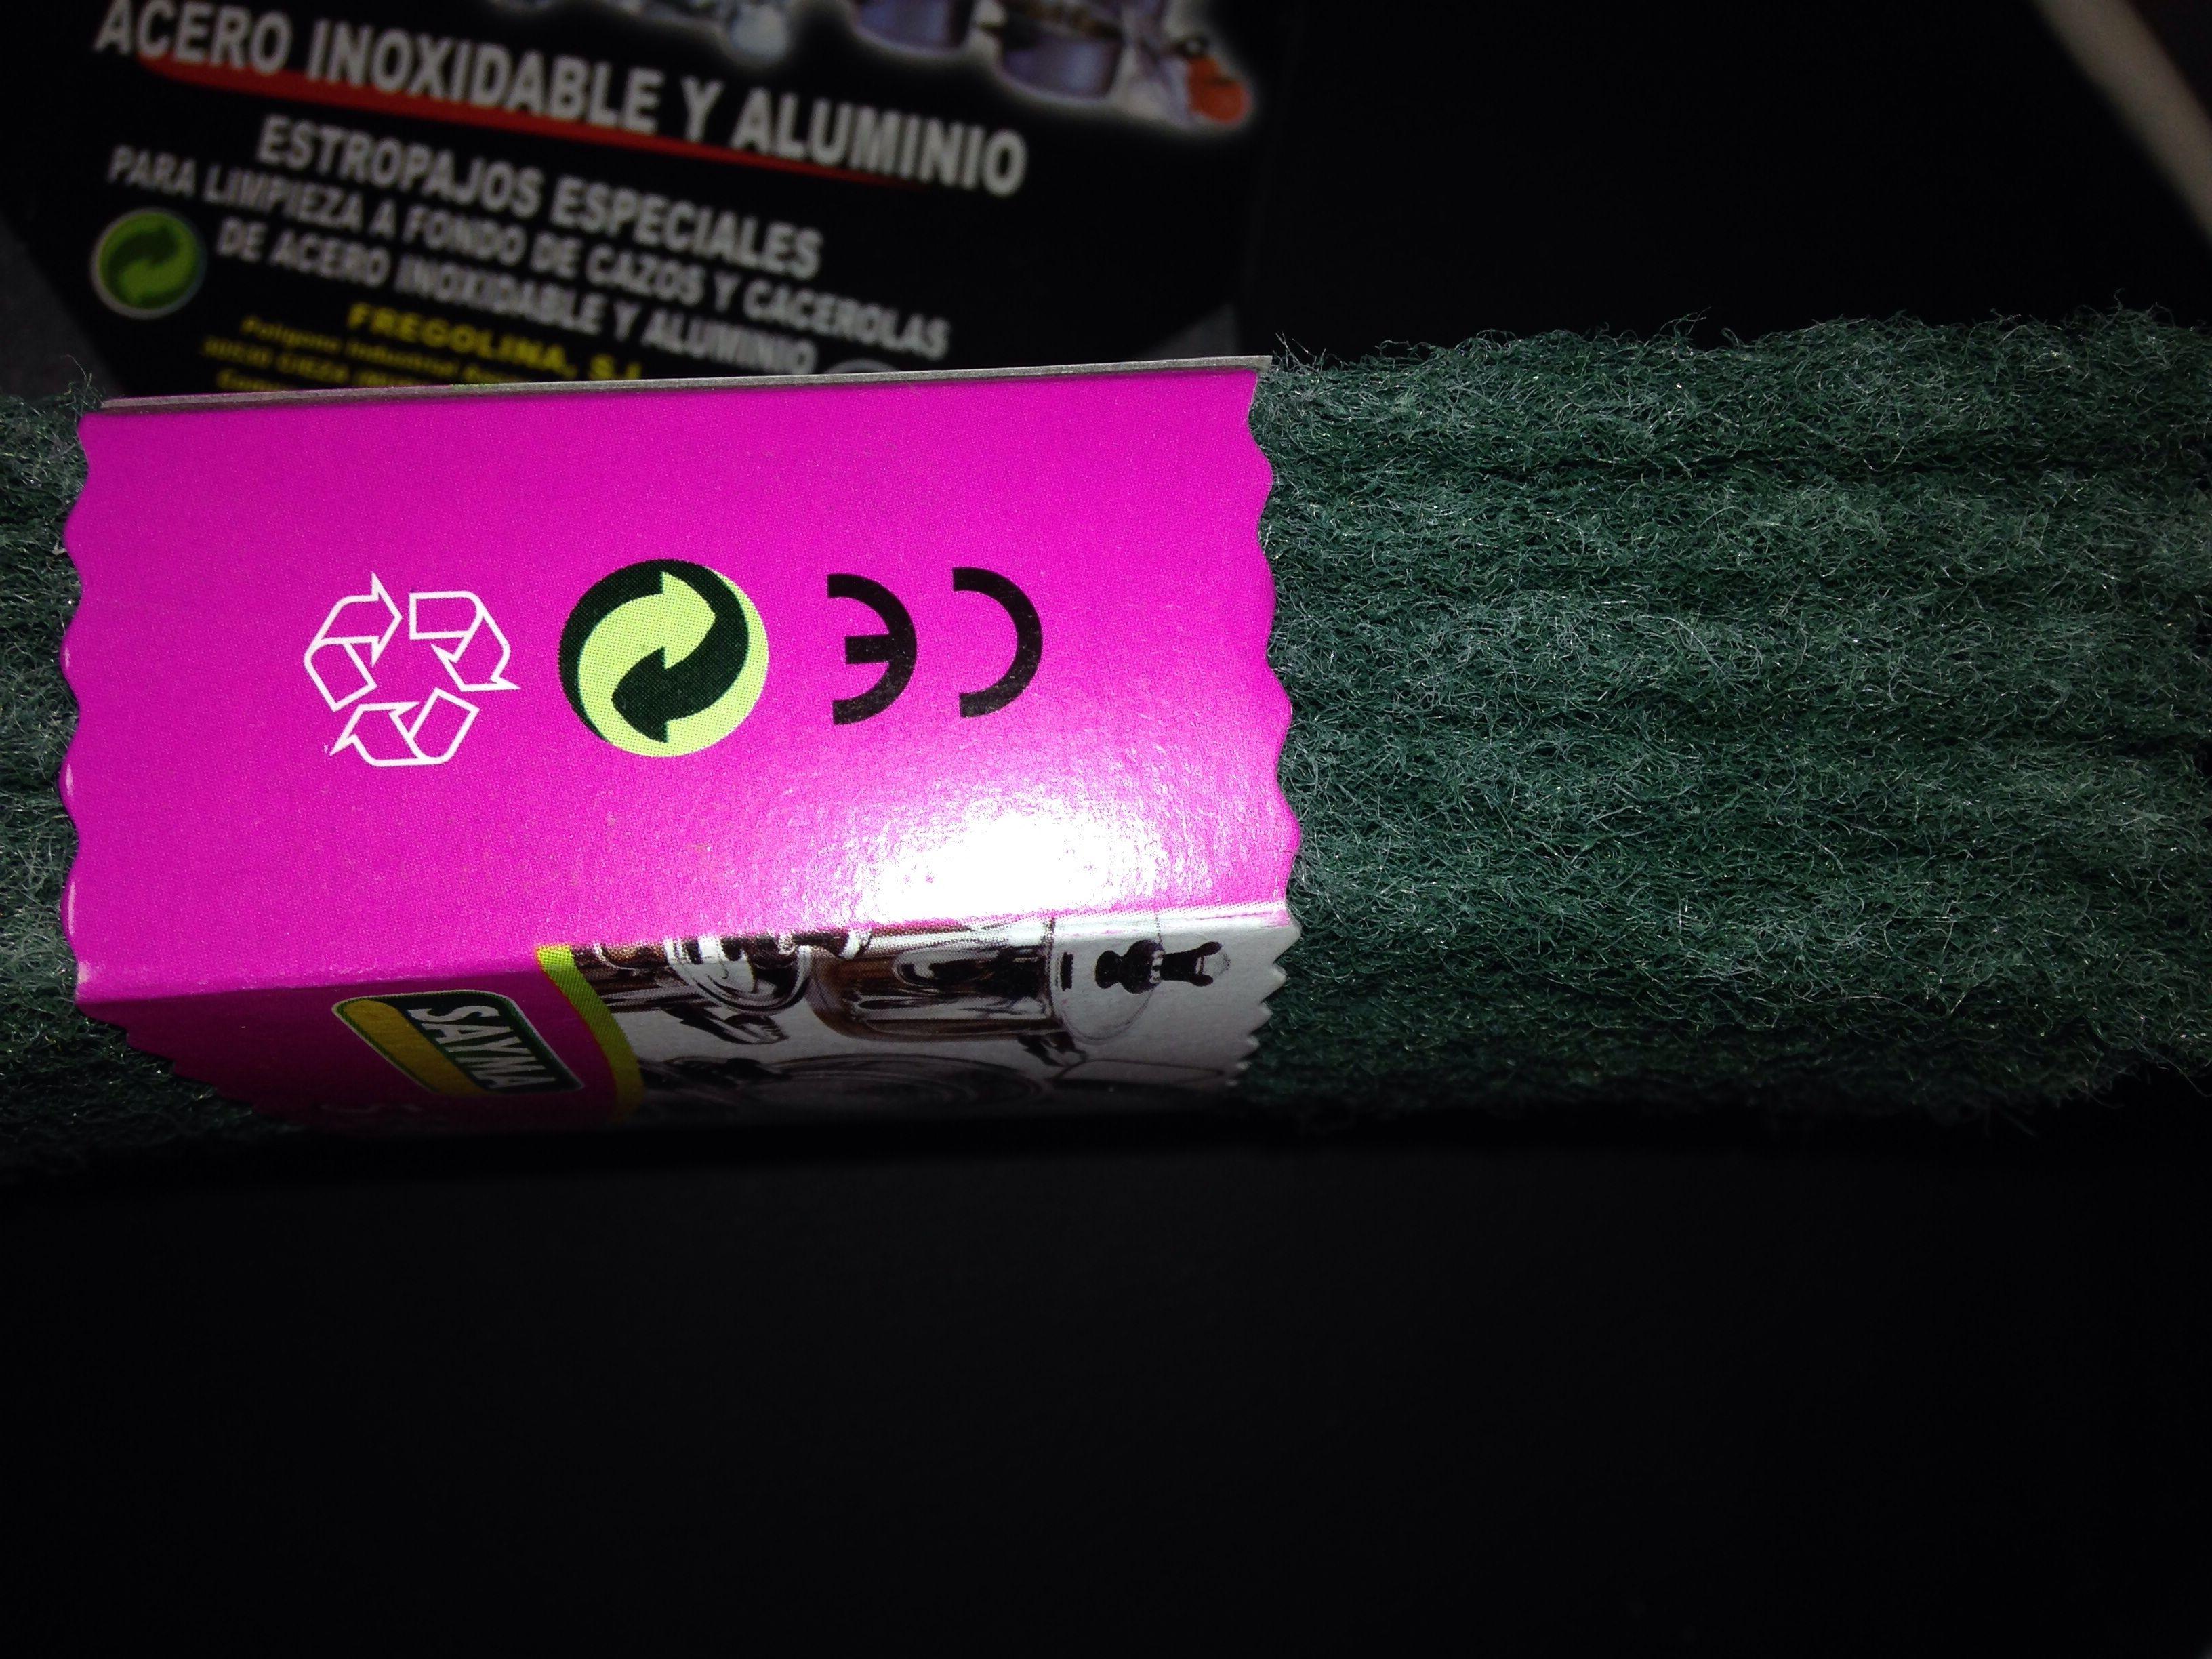 Estropajo cinco fibras verde